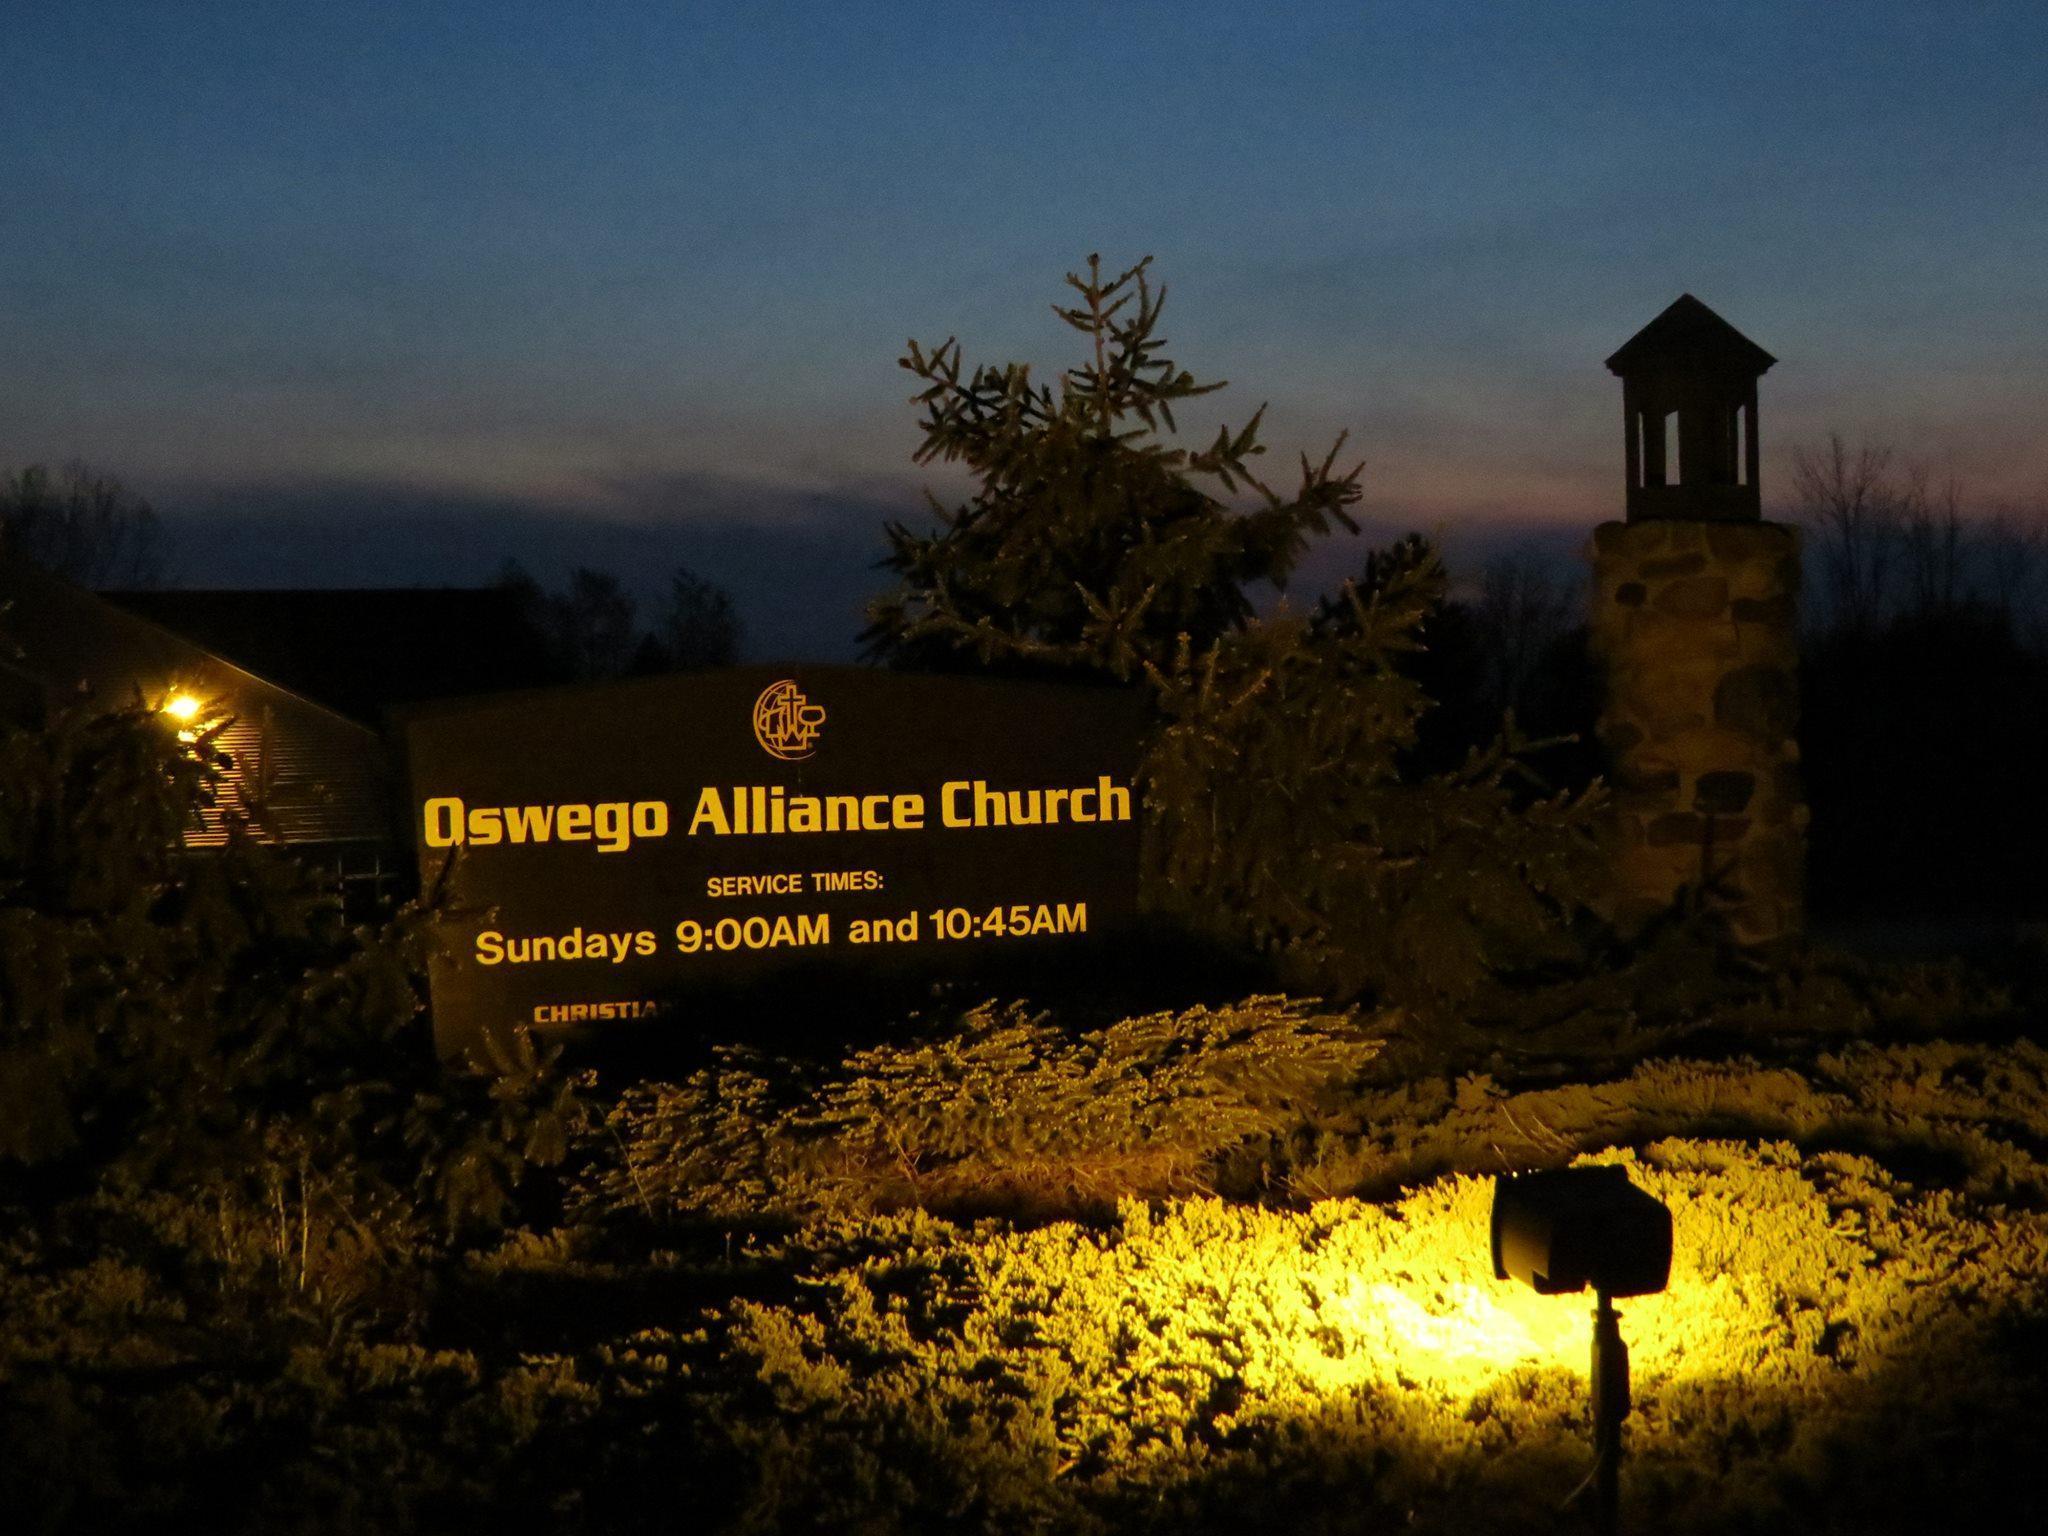 Oswego Alliance Church